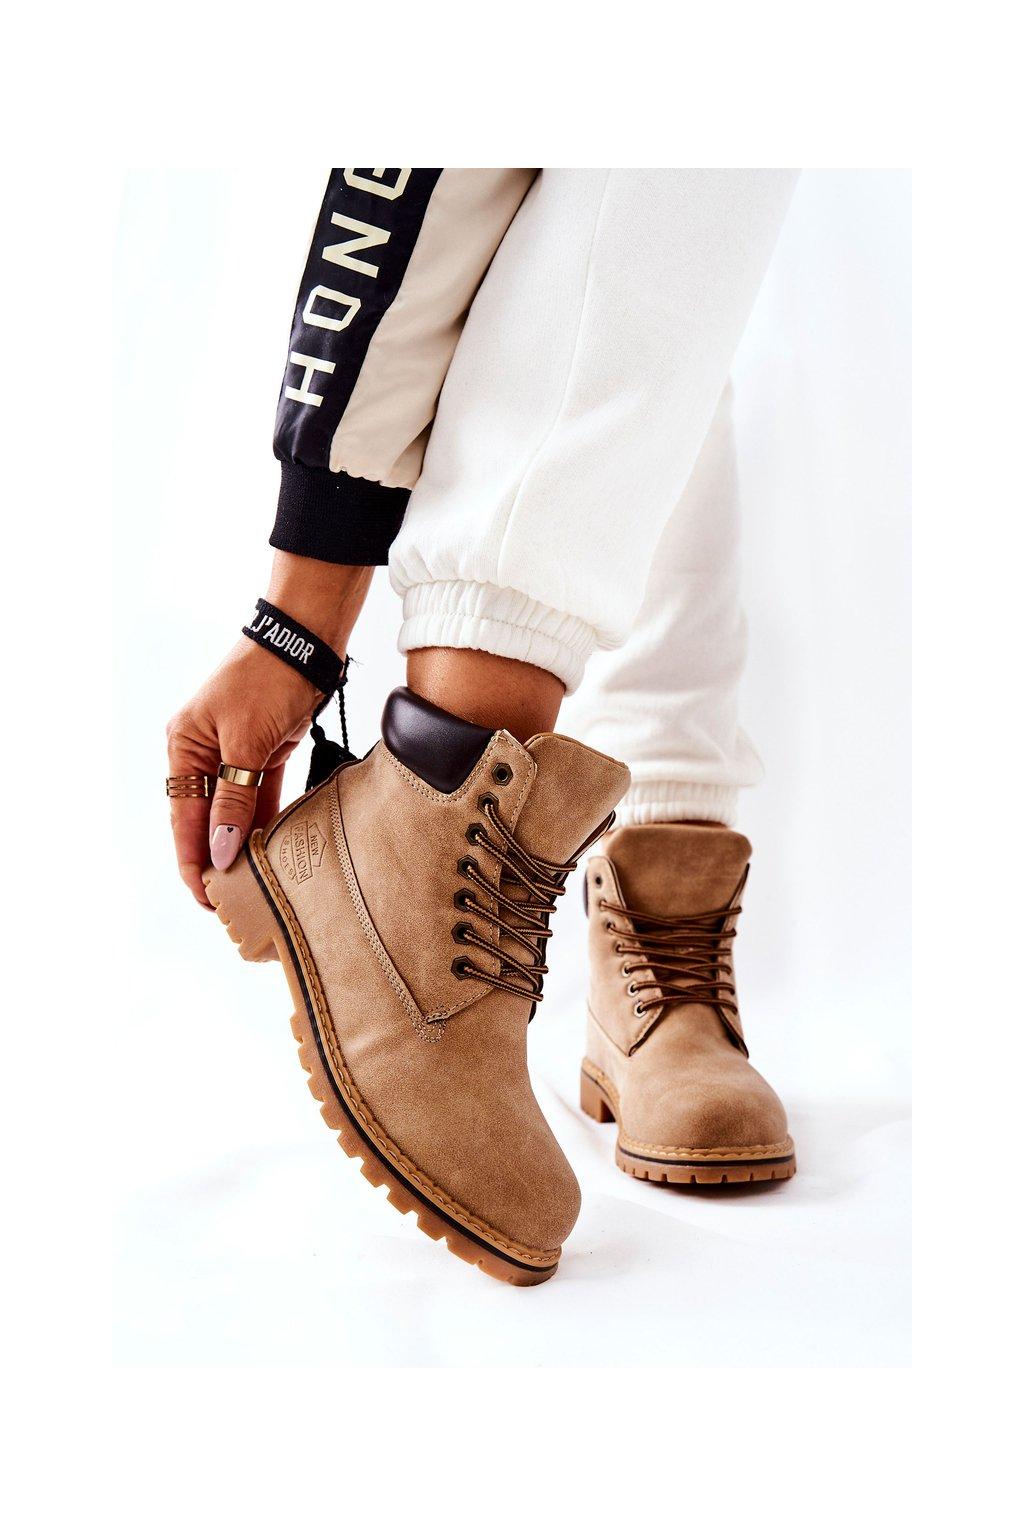 Členkové topánky na podpätku farba hnedá kód obuvi B175-7 L.CAMEL/D.BROWN